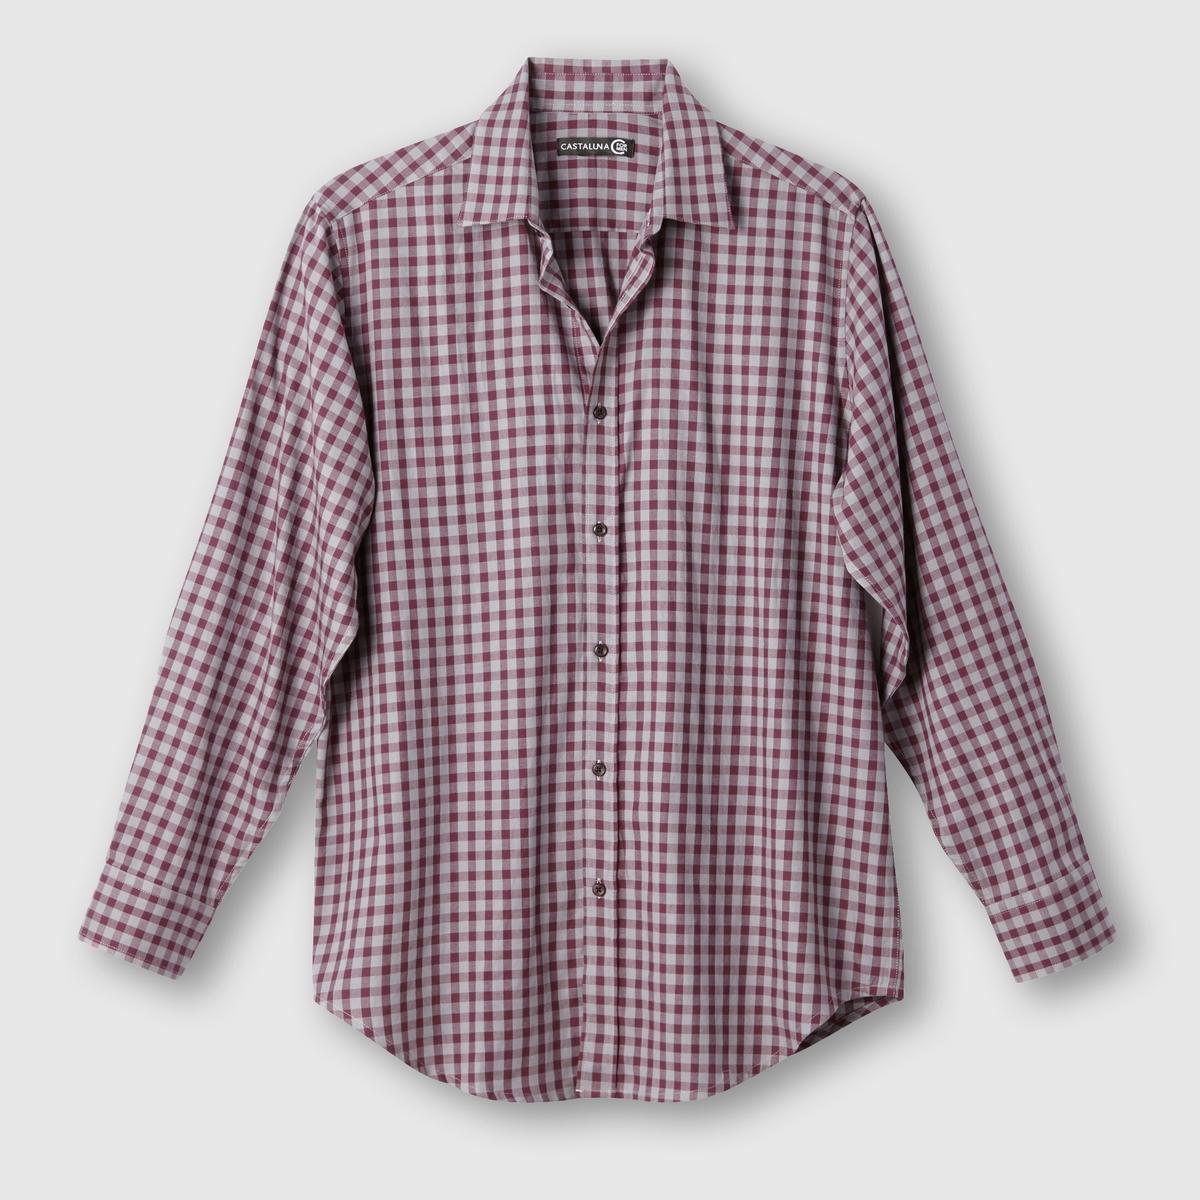 Рубашка в клеткуРубашка в клетку. Длинные рукава. 2 складки сзади для большего комфорта. Рисунок в клетку крашеной нитью,  100% хлопка. Длина 85 см .<br><br>Цвет: бордовый/ серый<br>Размер: 51/52.53/54